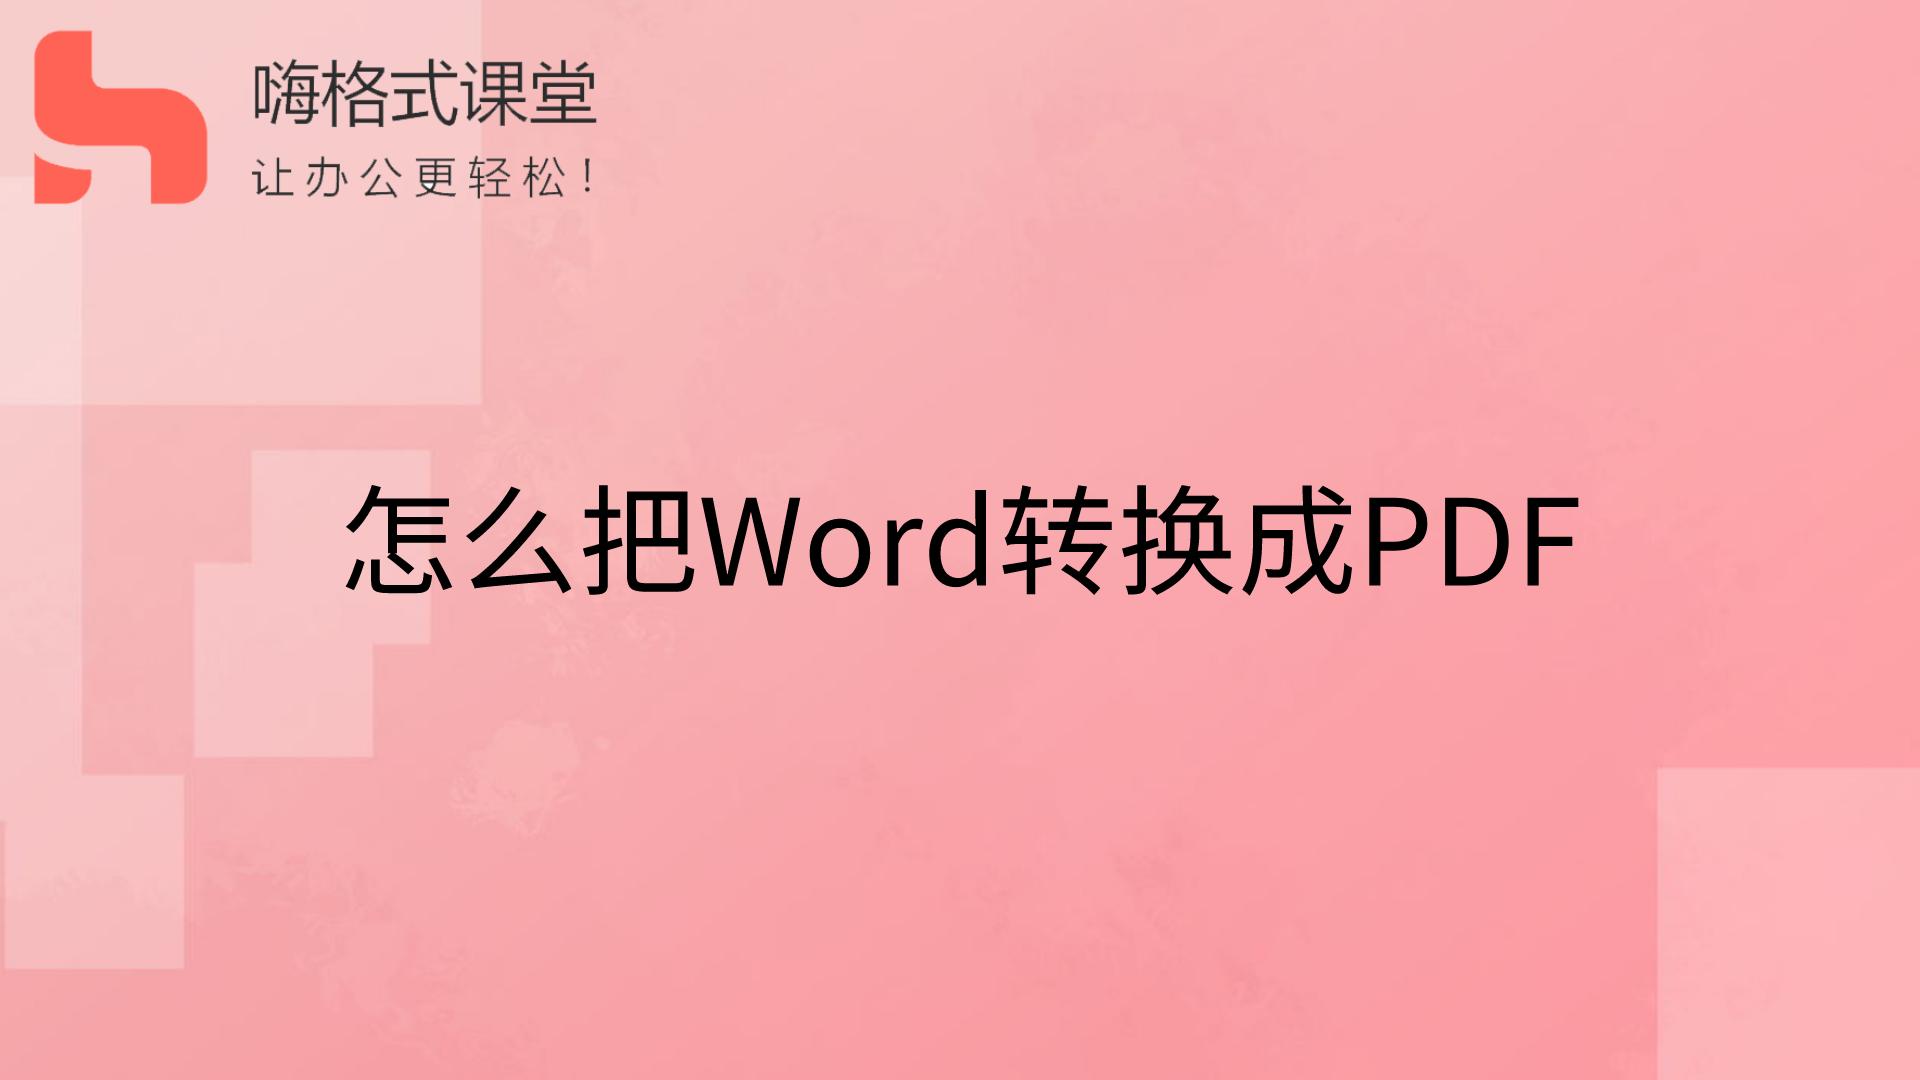 怎么把Word转换成PDFs